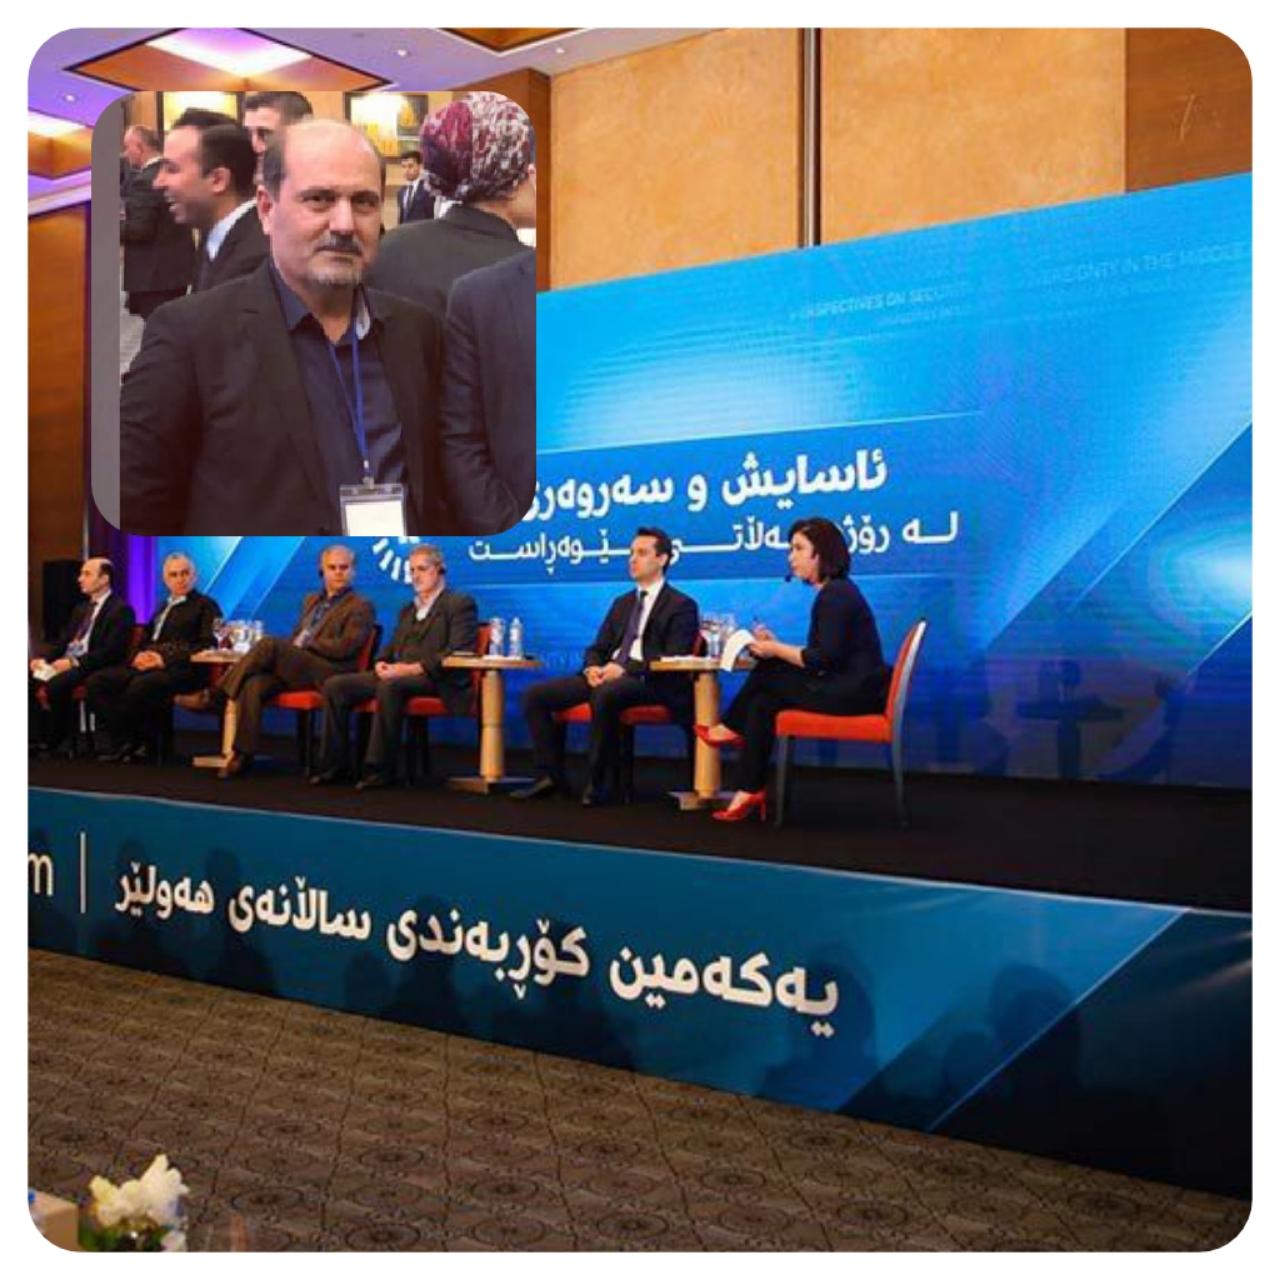 در کنفرانس «امنیت و حاکمیت در خاورمیانه» چه گذشت؟